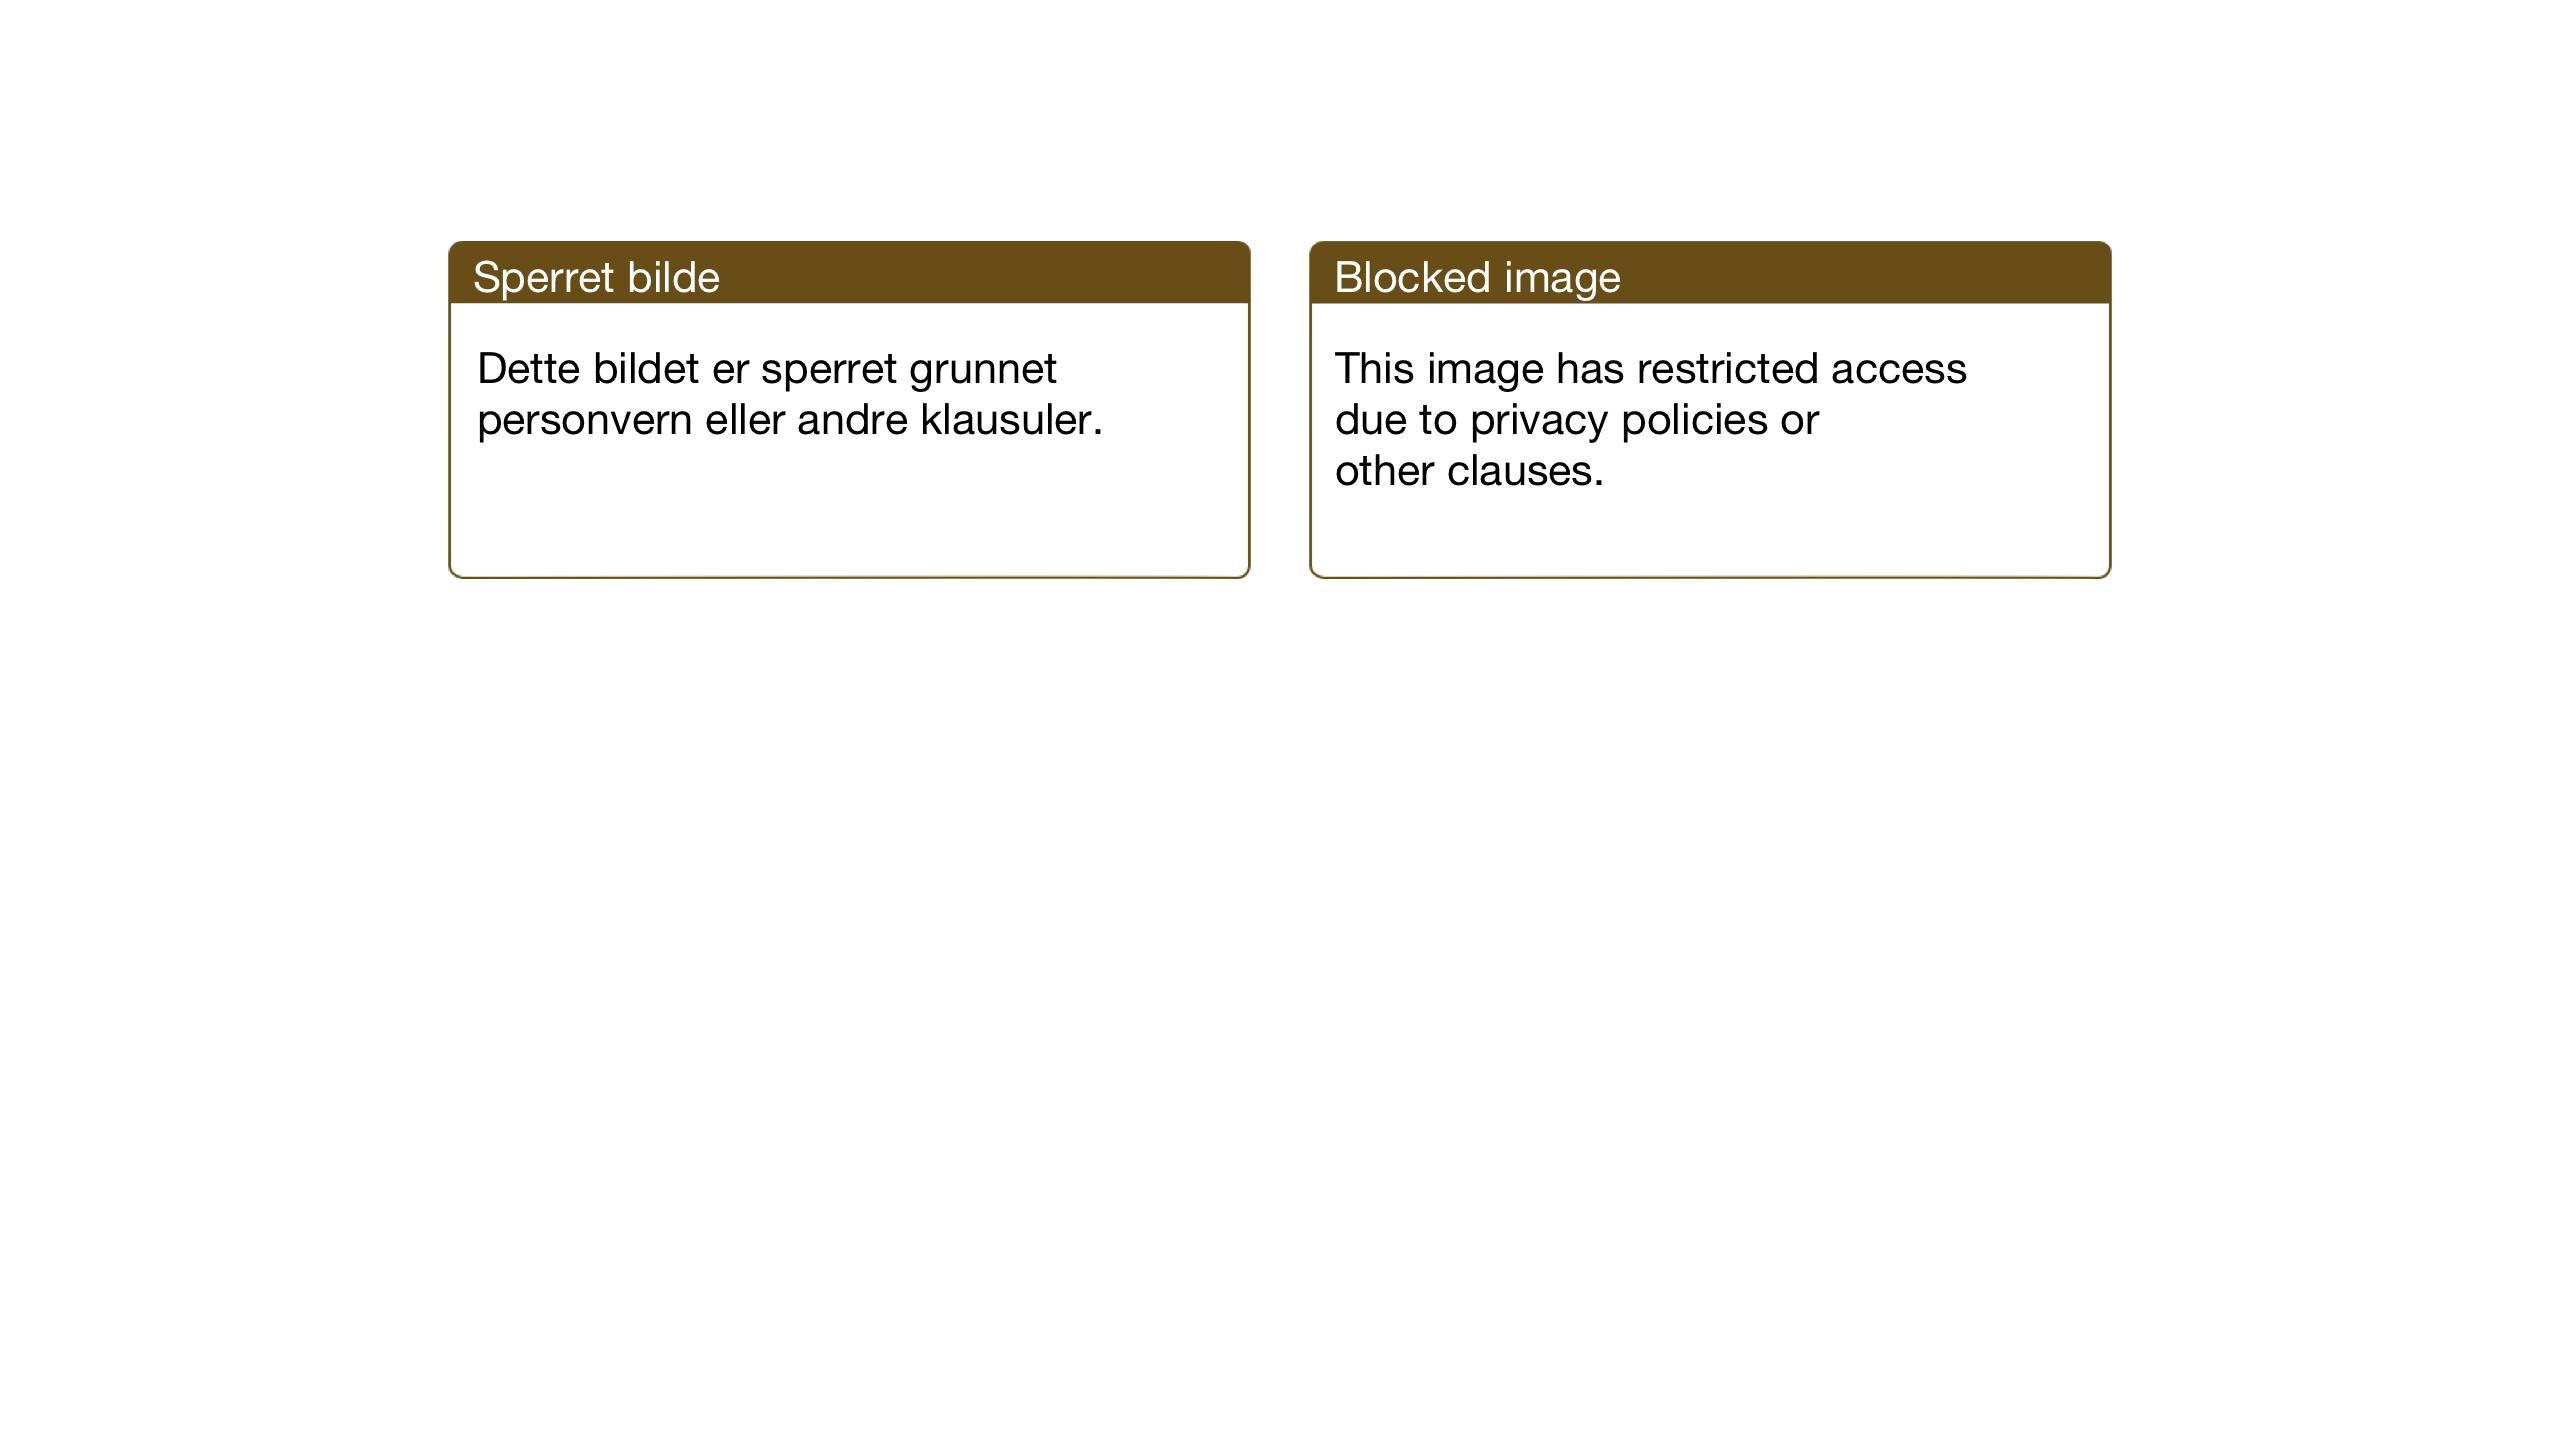 SAT, Ministerialprotokoller, klokkerbøker og fødselsregistre - Nord-Trøndelag, 714/L0136: Klokkerbok nr. 714C05, 1918-1957, s. 42